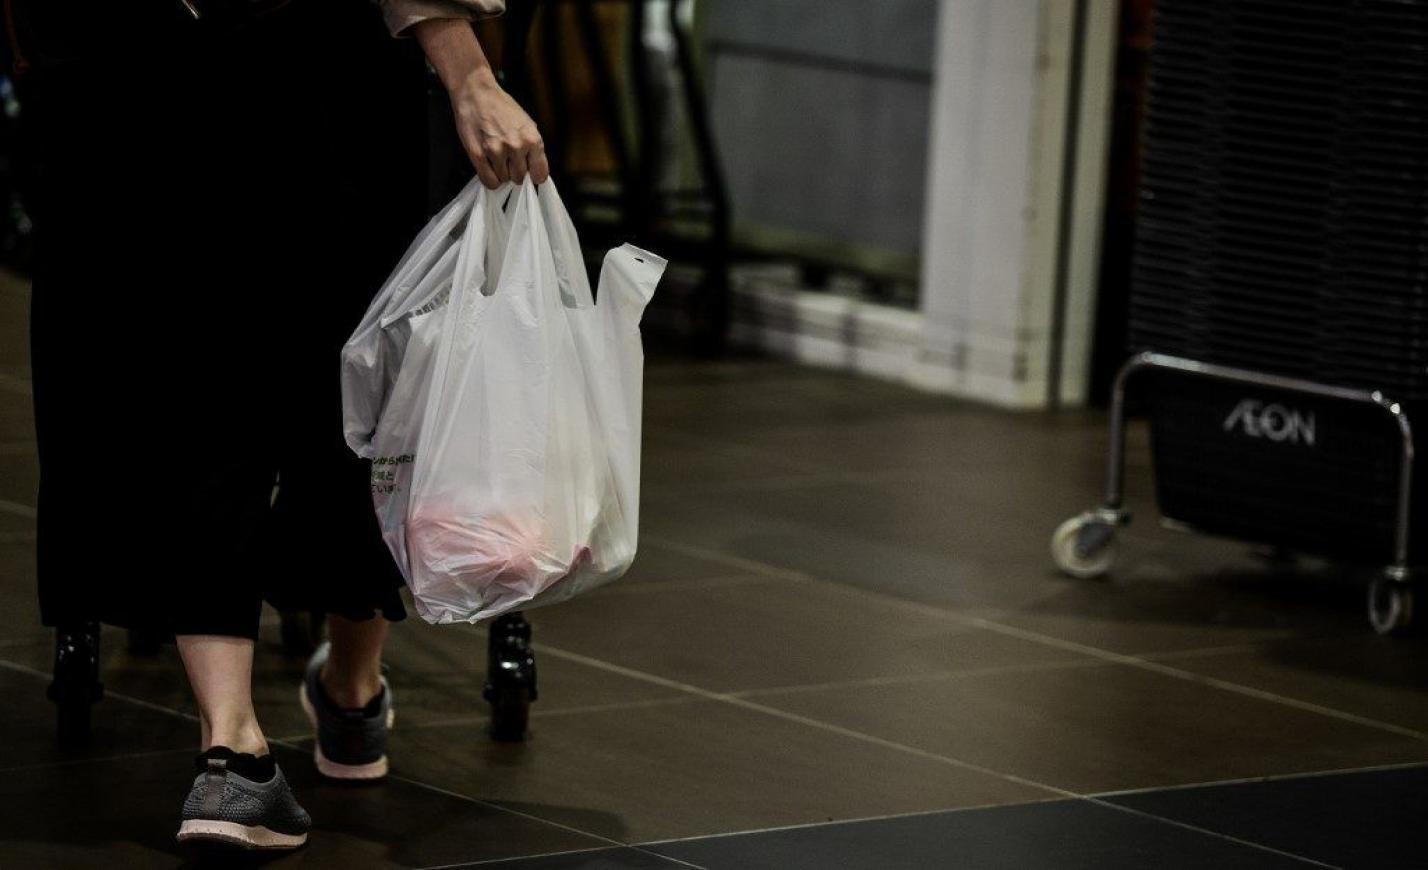 Visszavonta a kormány az egyszer használatos műanyag betiltásáról szóló törvényjavaslatot